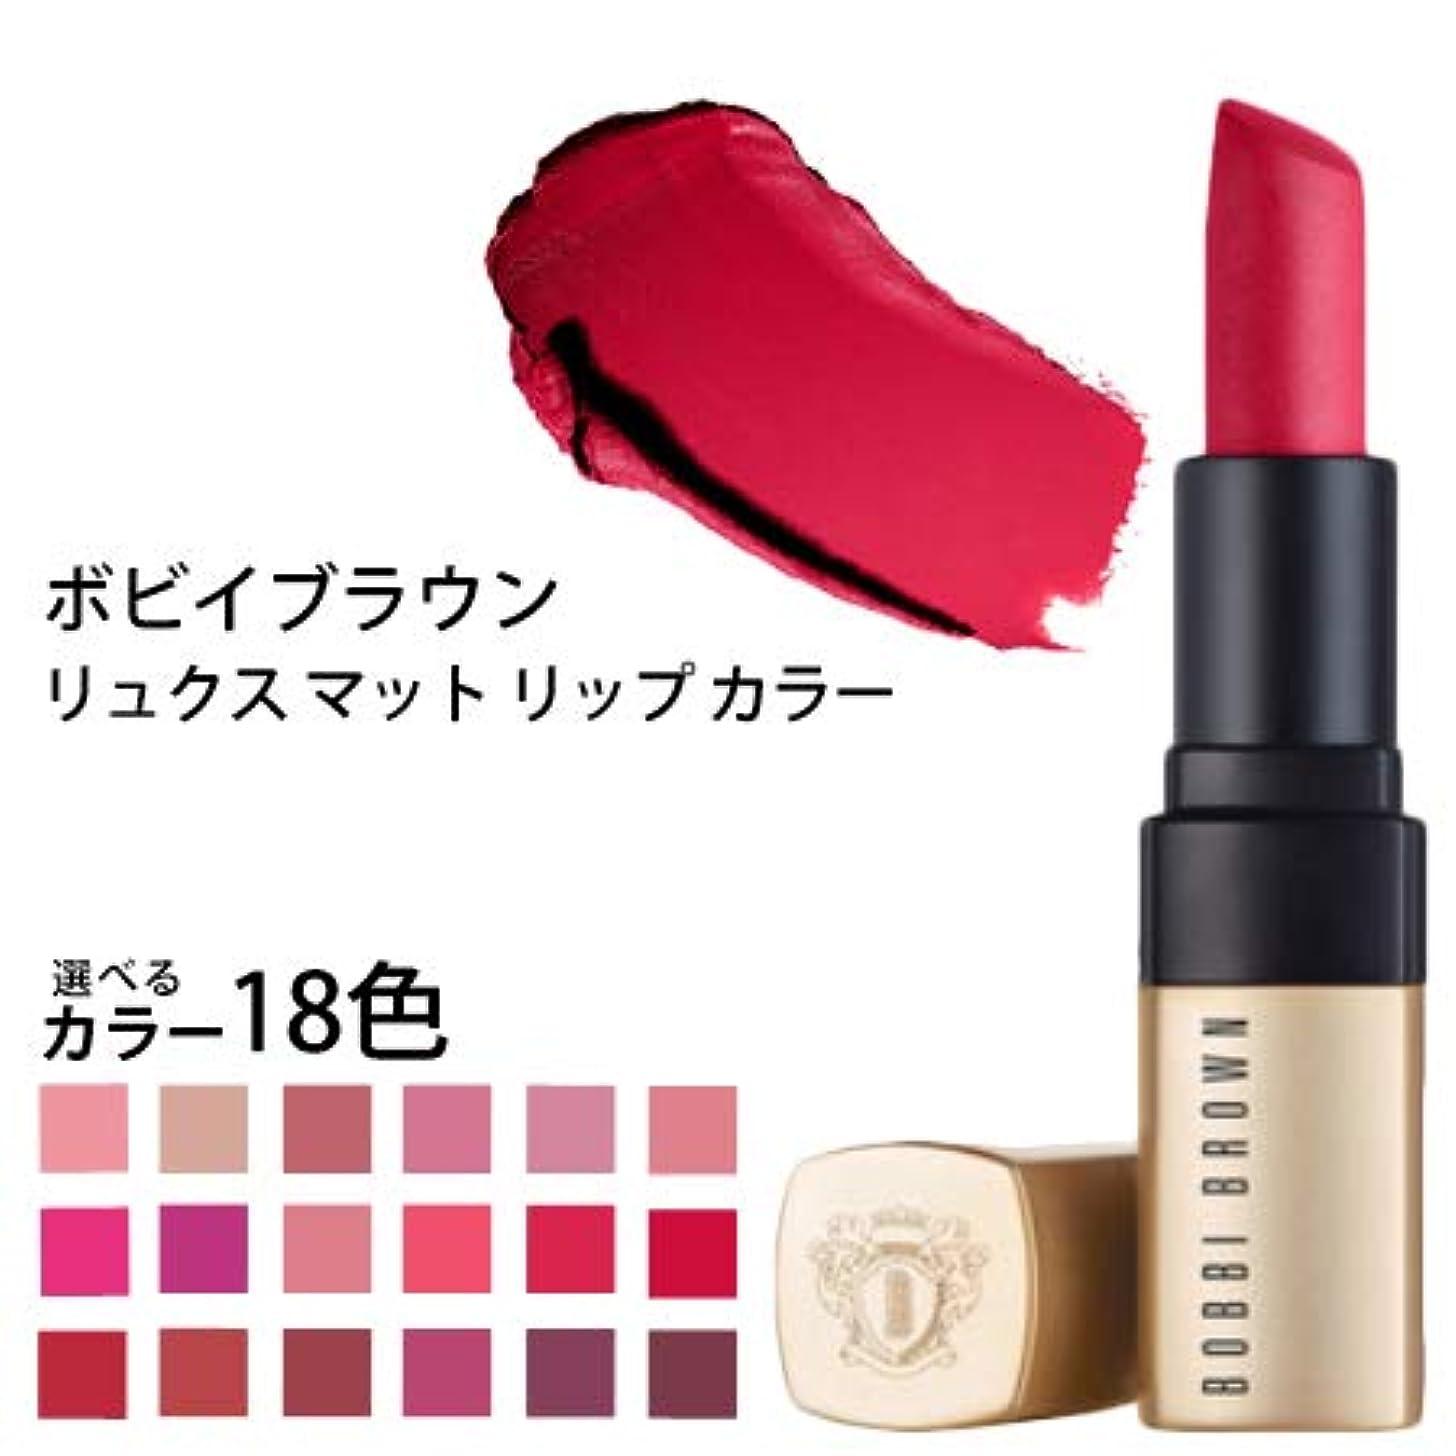 極めて完璧いちゃつくボビイブラウン リュクス マット リップ カラー 18色展開 -BOBBI BROWN- 16:バーントチェリー